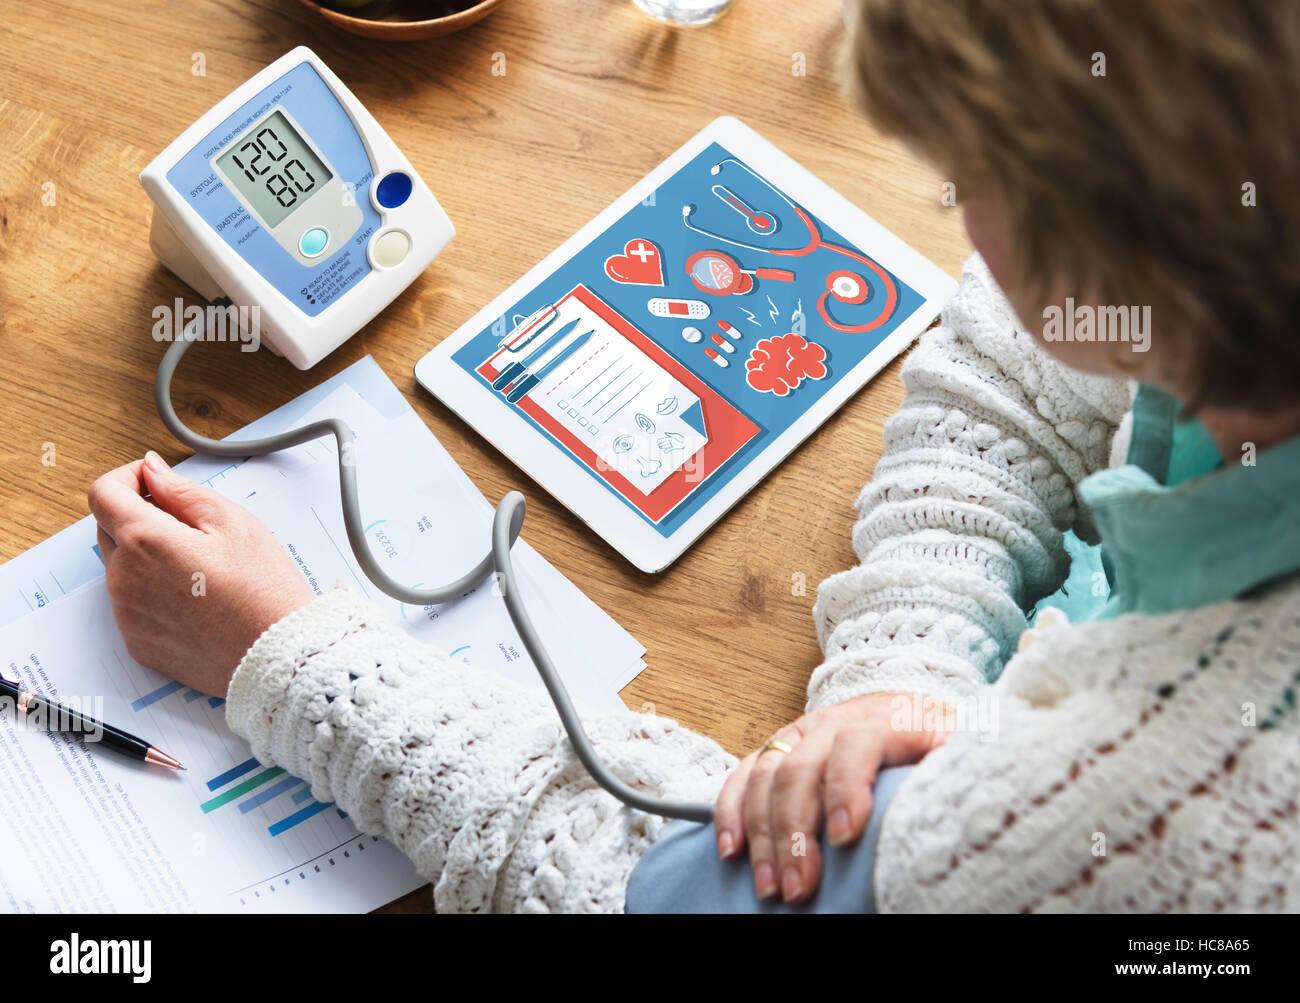 Health Insurance Medicine Checkup Graphic Concept - Stock Image